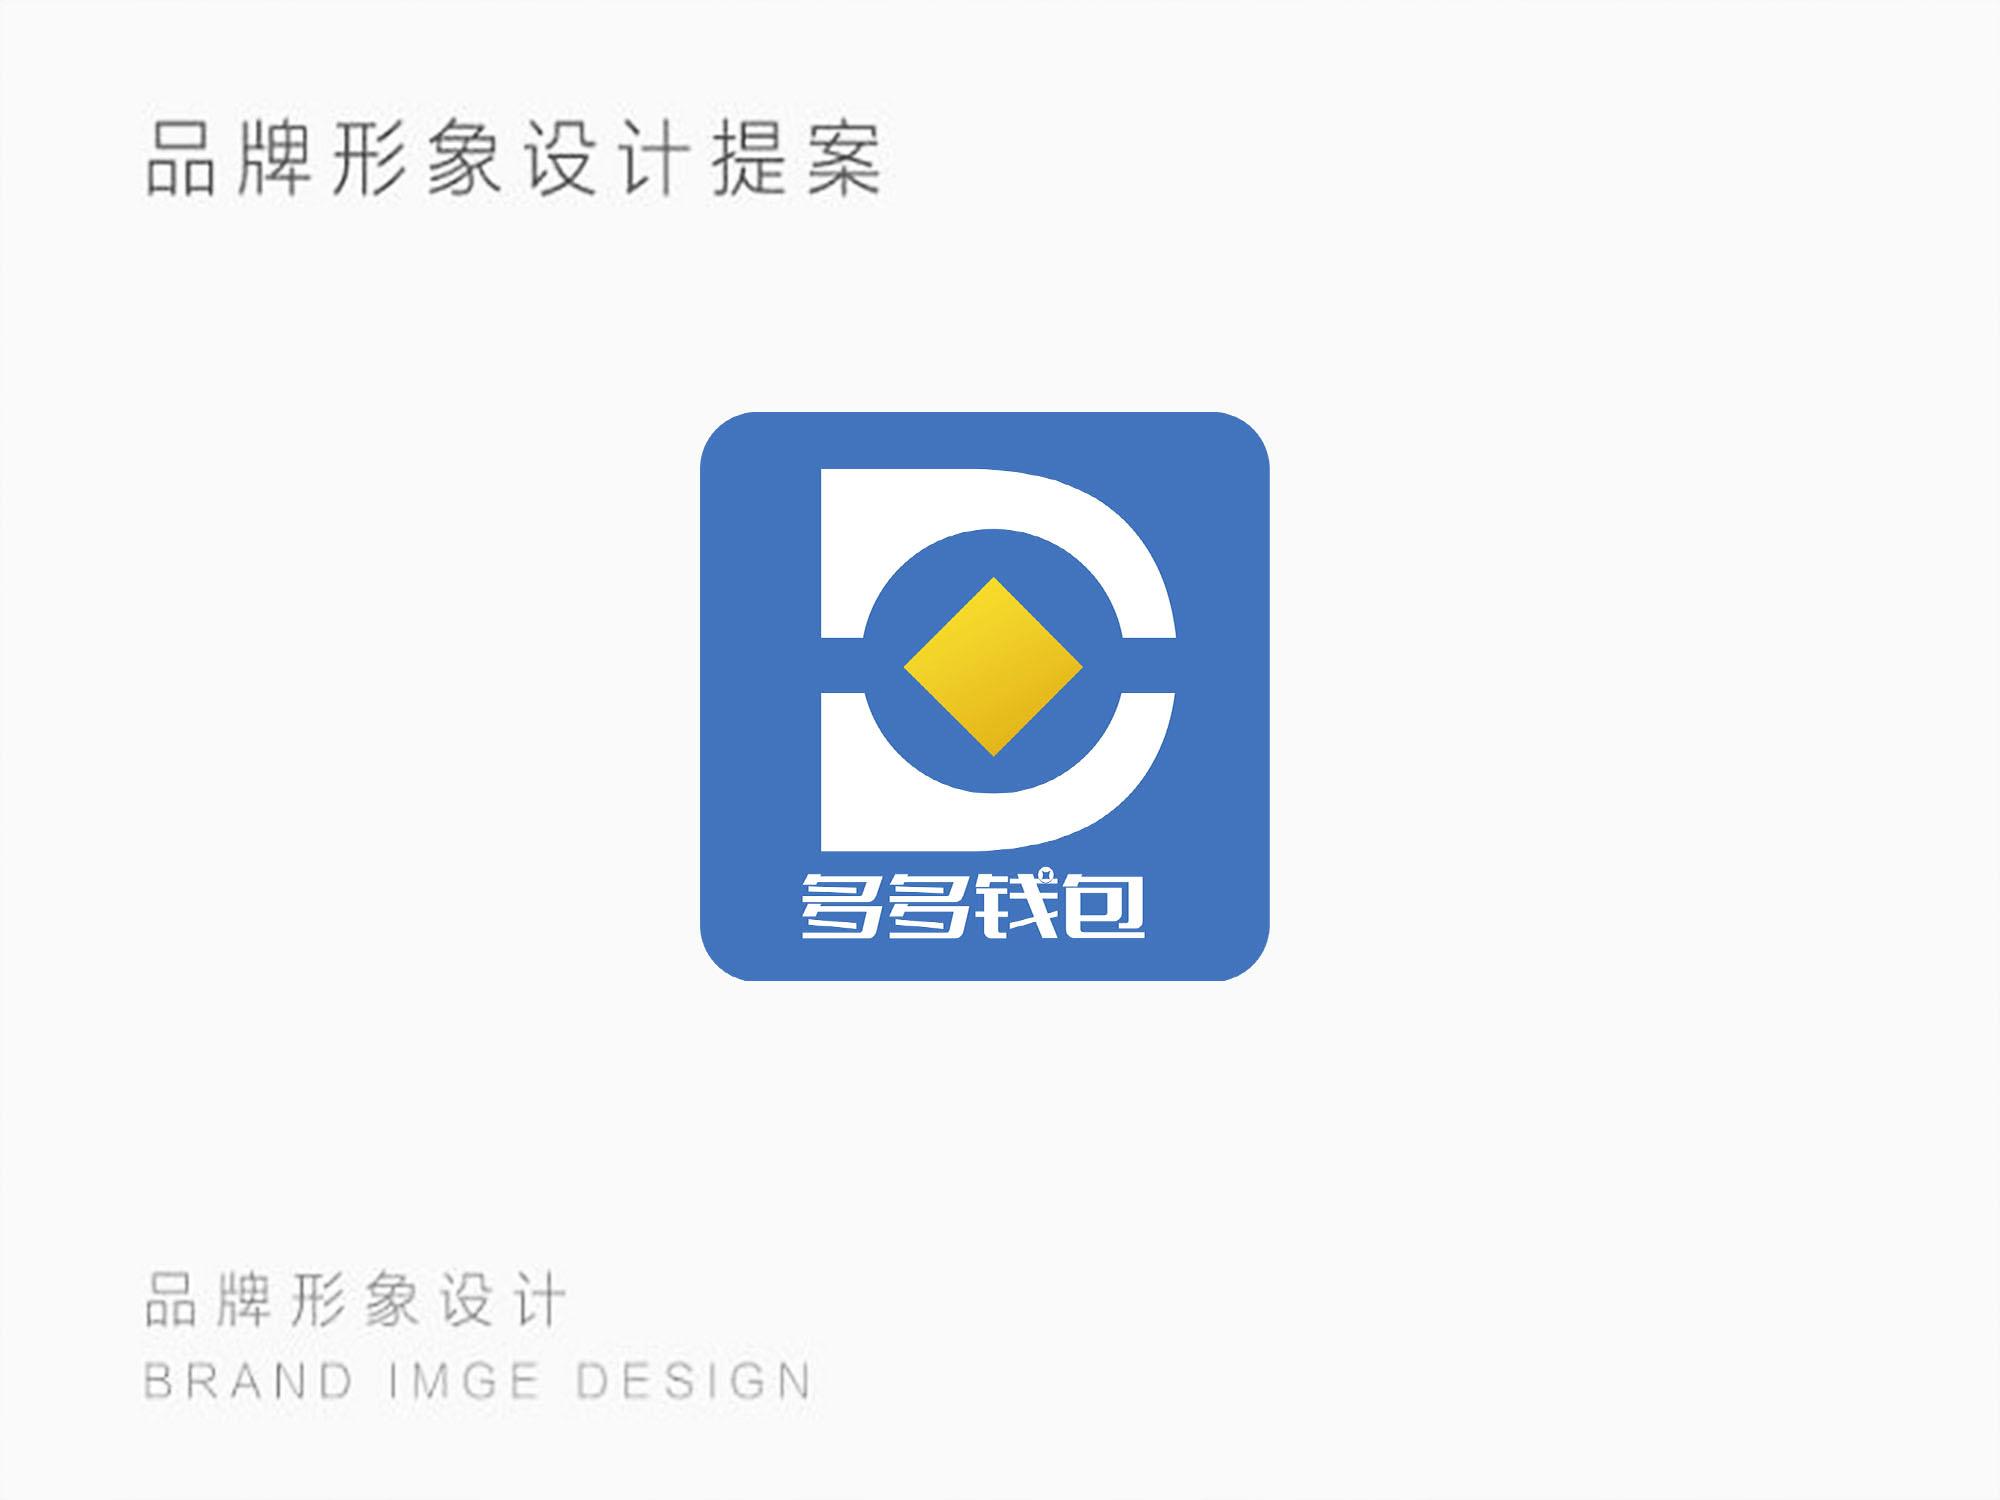 设计app端logo图标_3027586_k68威客网